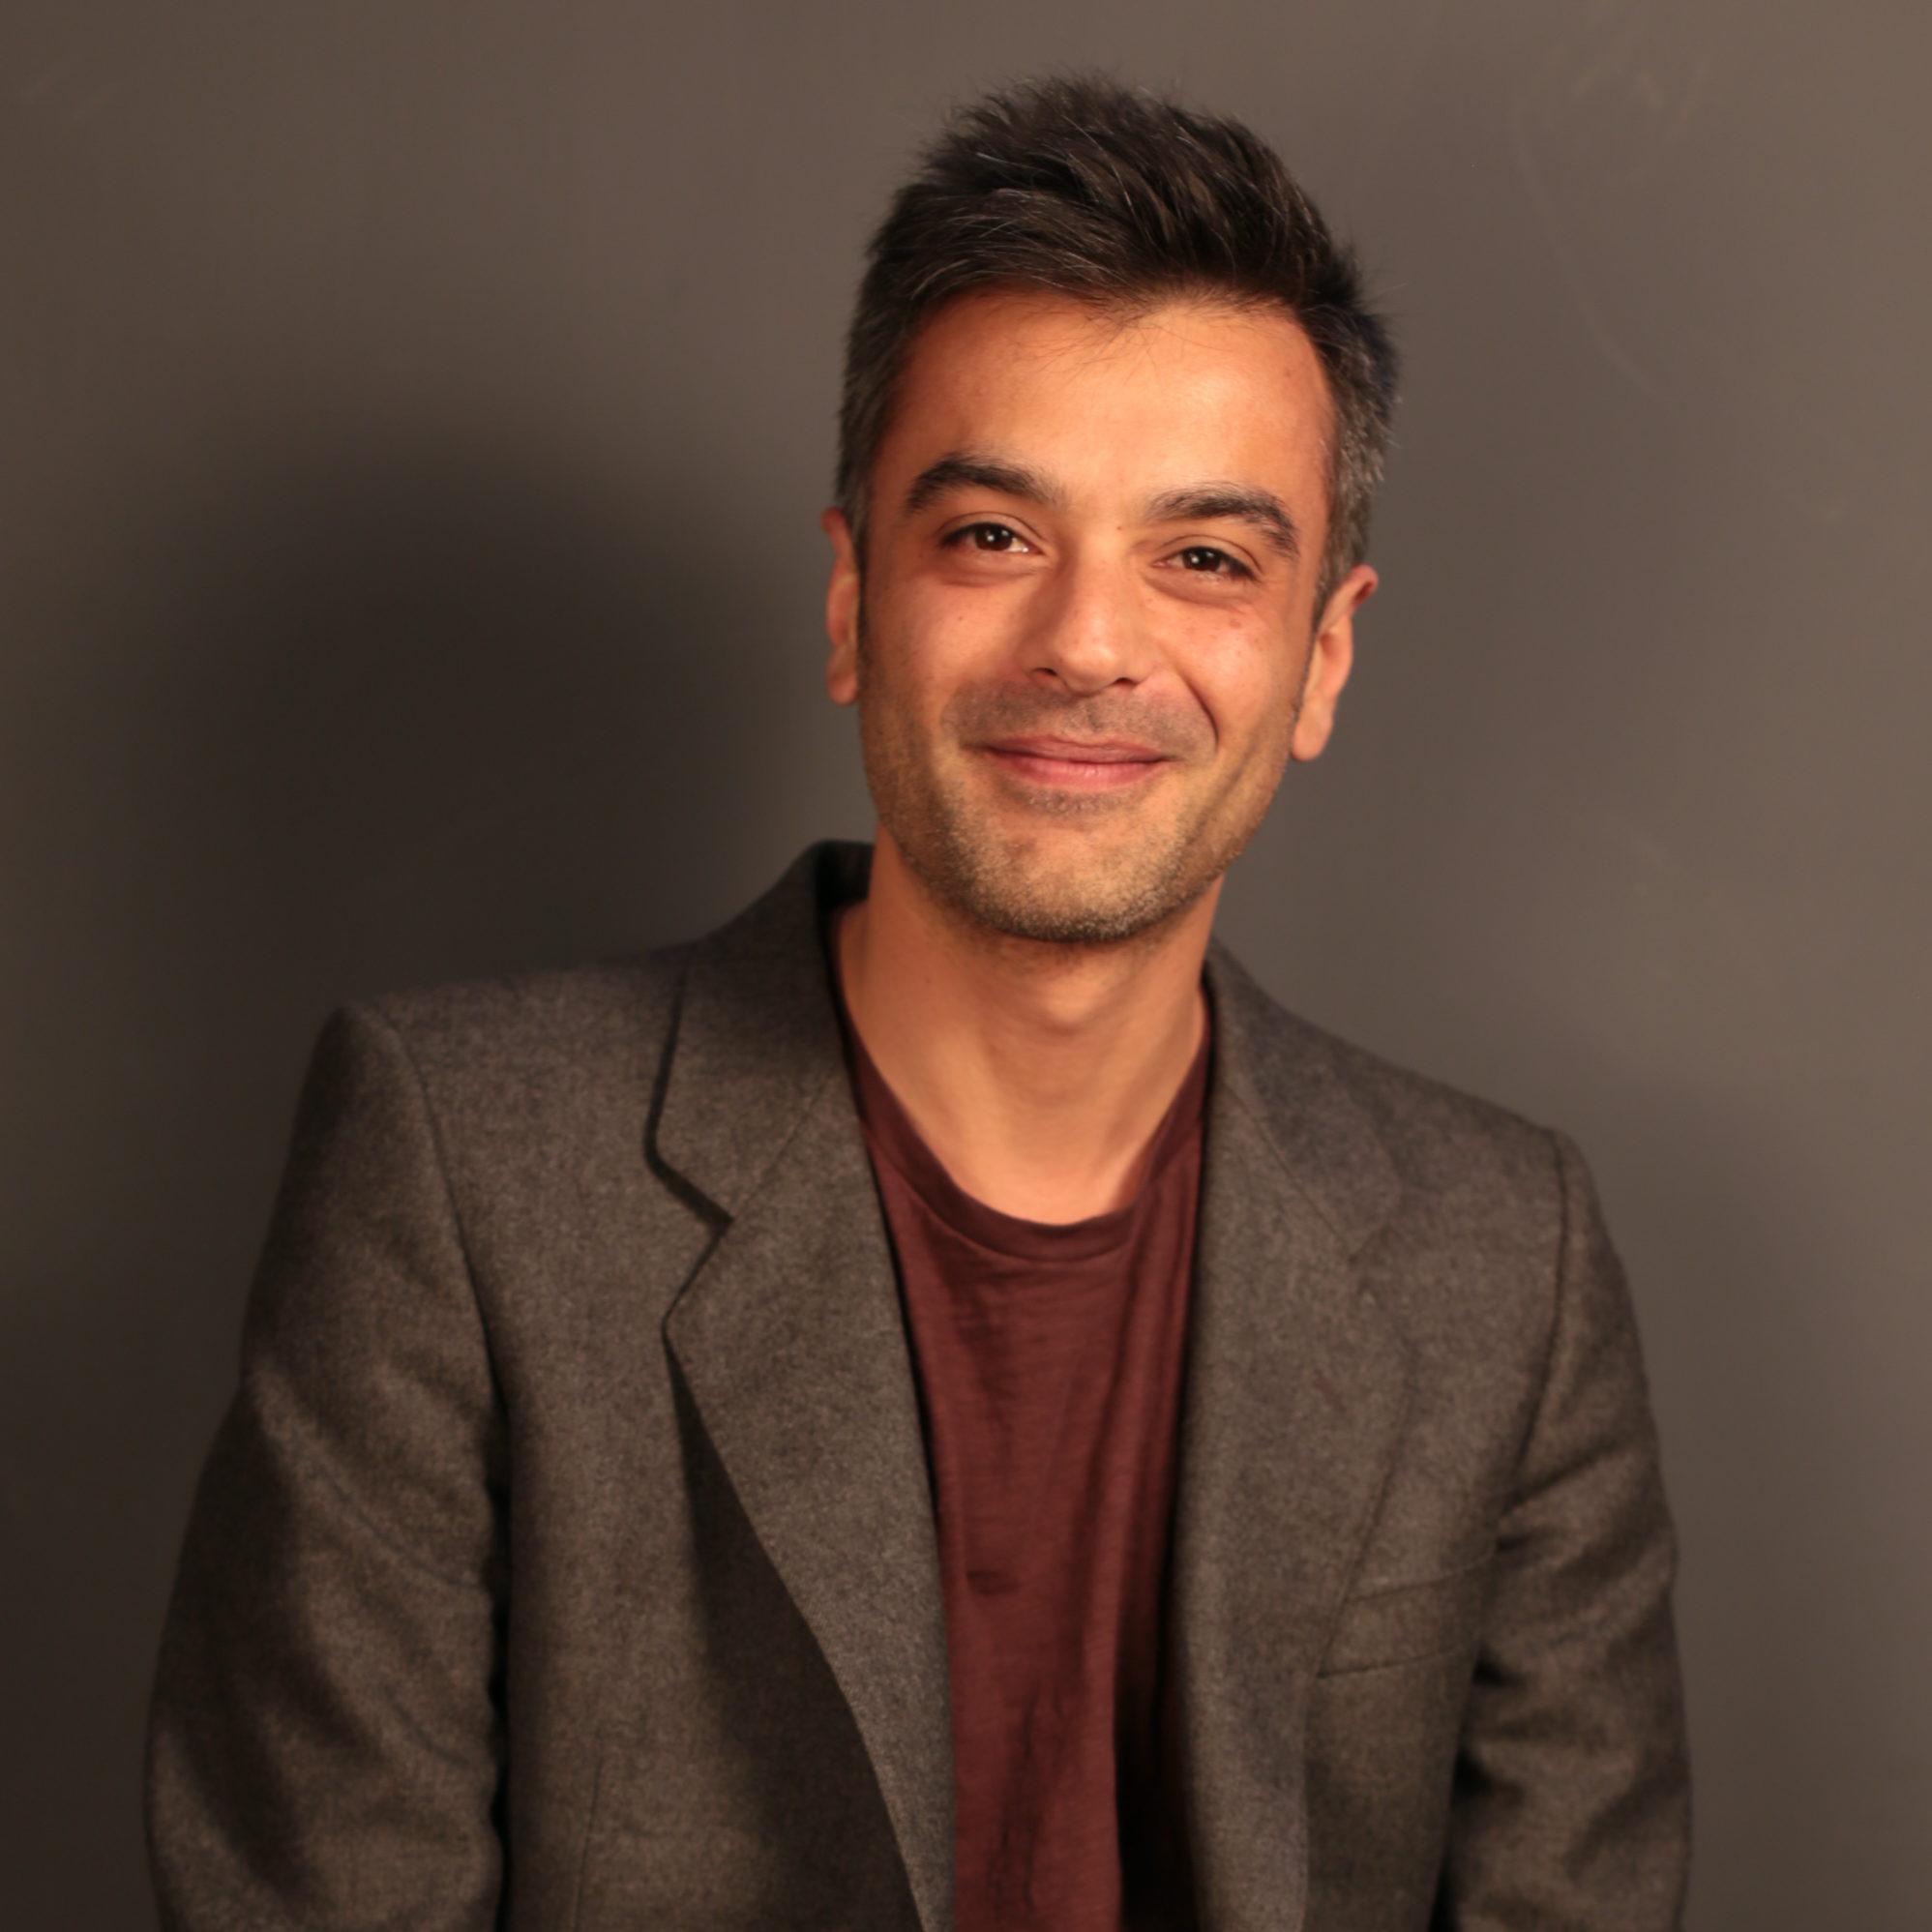 Valerio Di Paola